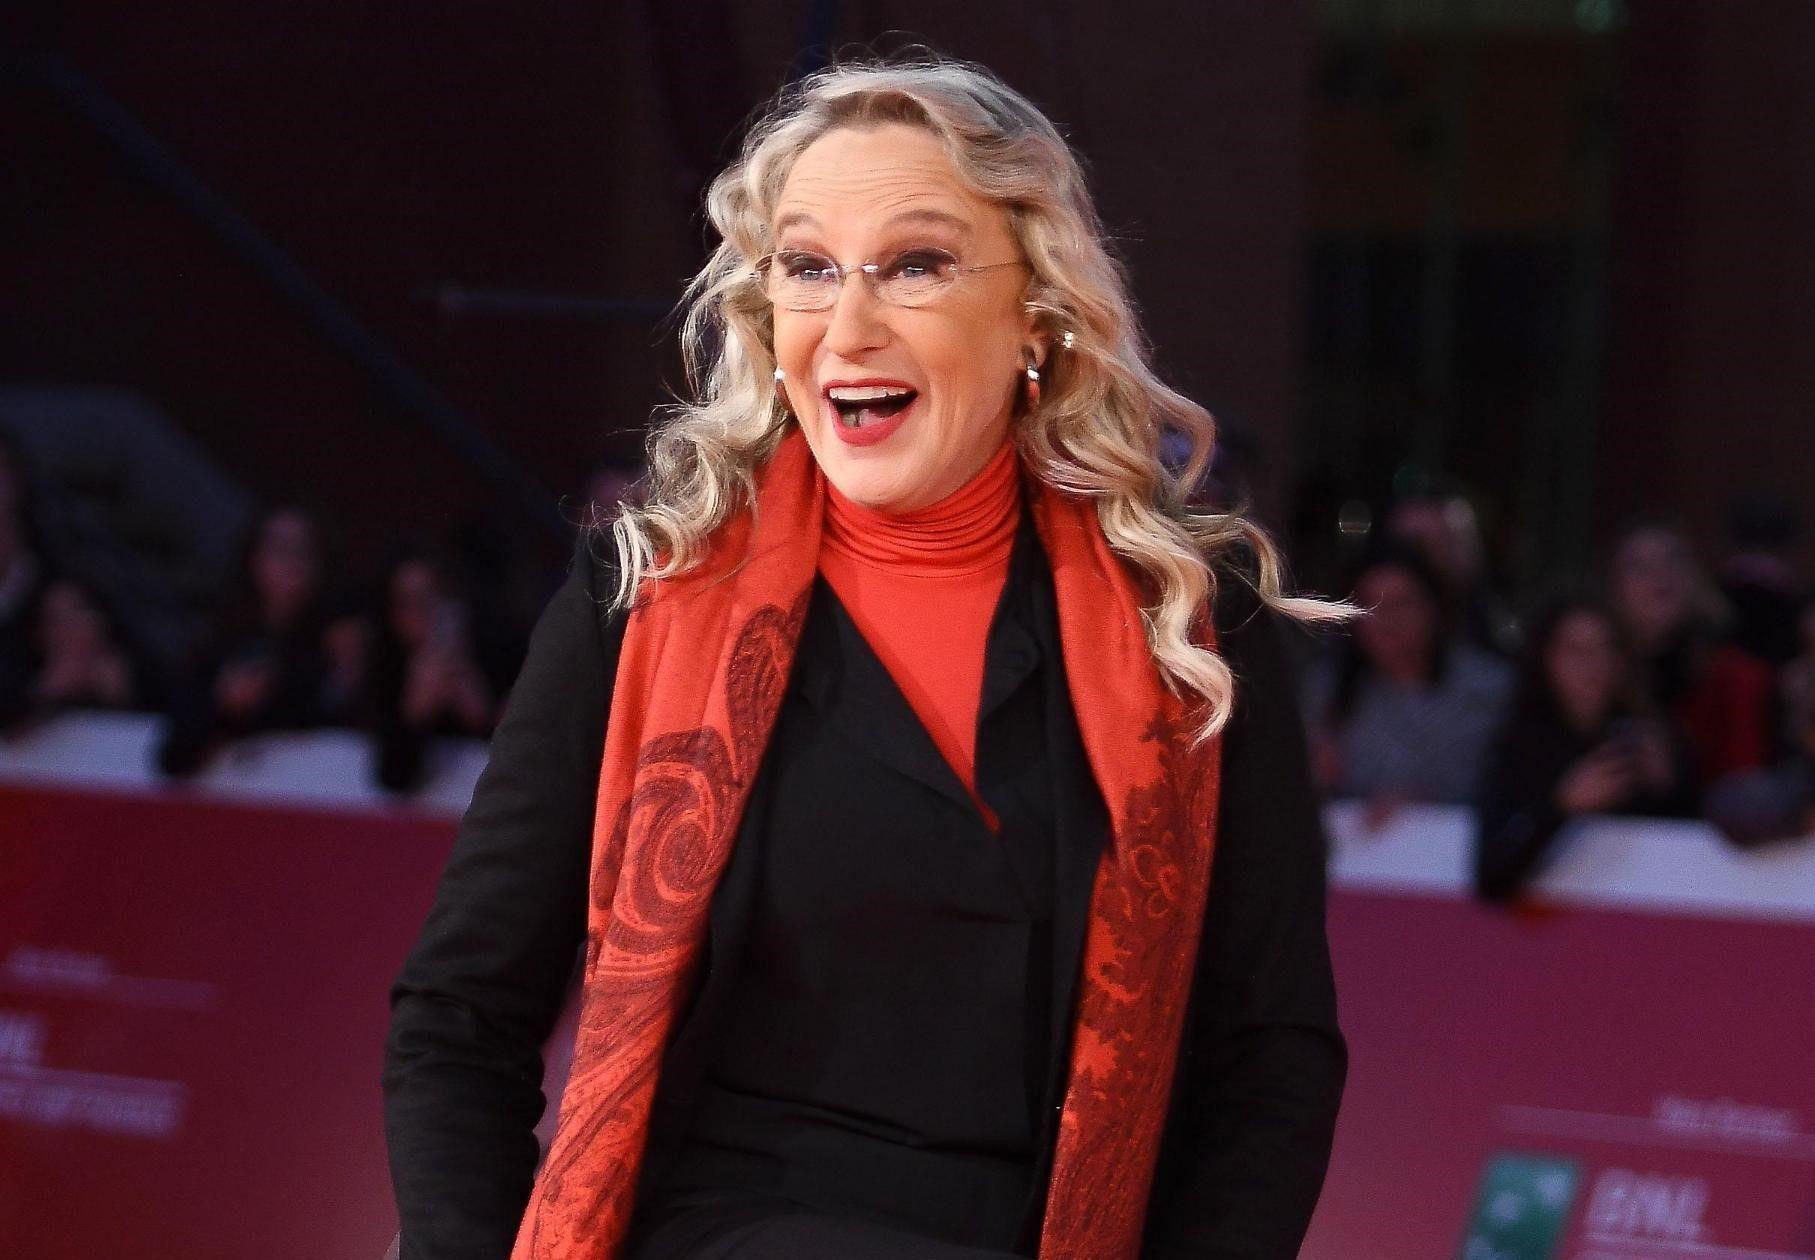 Eleonora Giorgi: 'La Asl dovrebbe passare il lifting a chi è depresso'